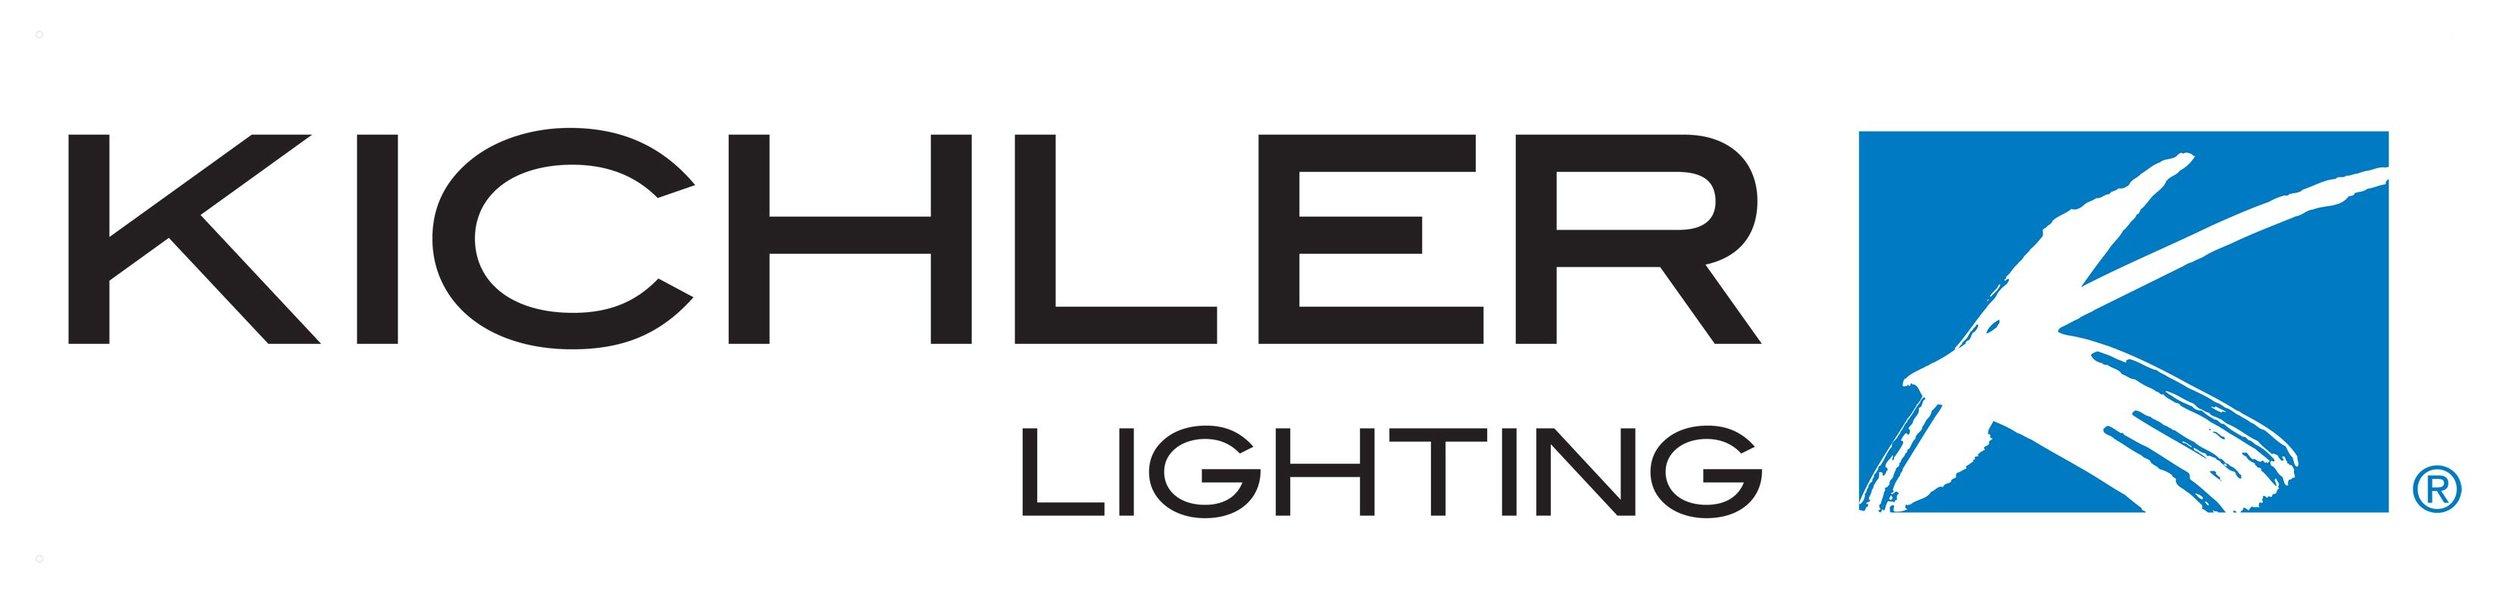 kichler lighting logo.jpg